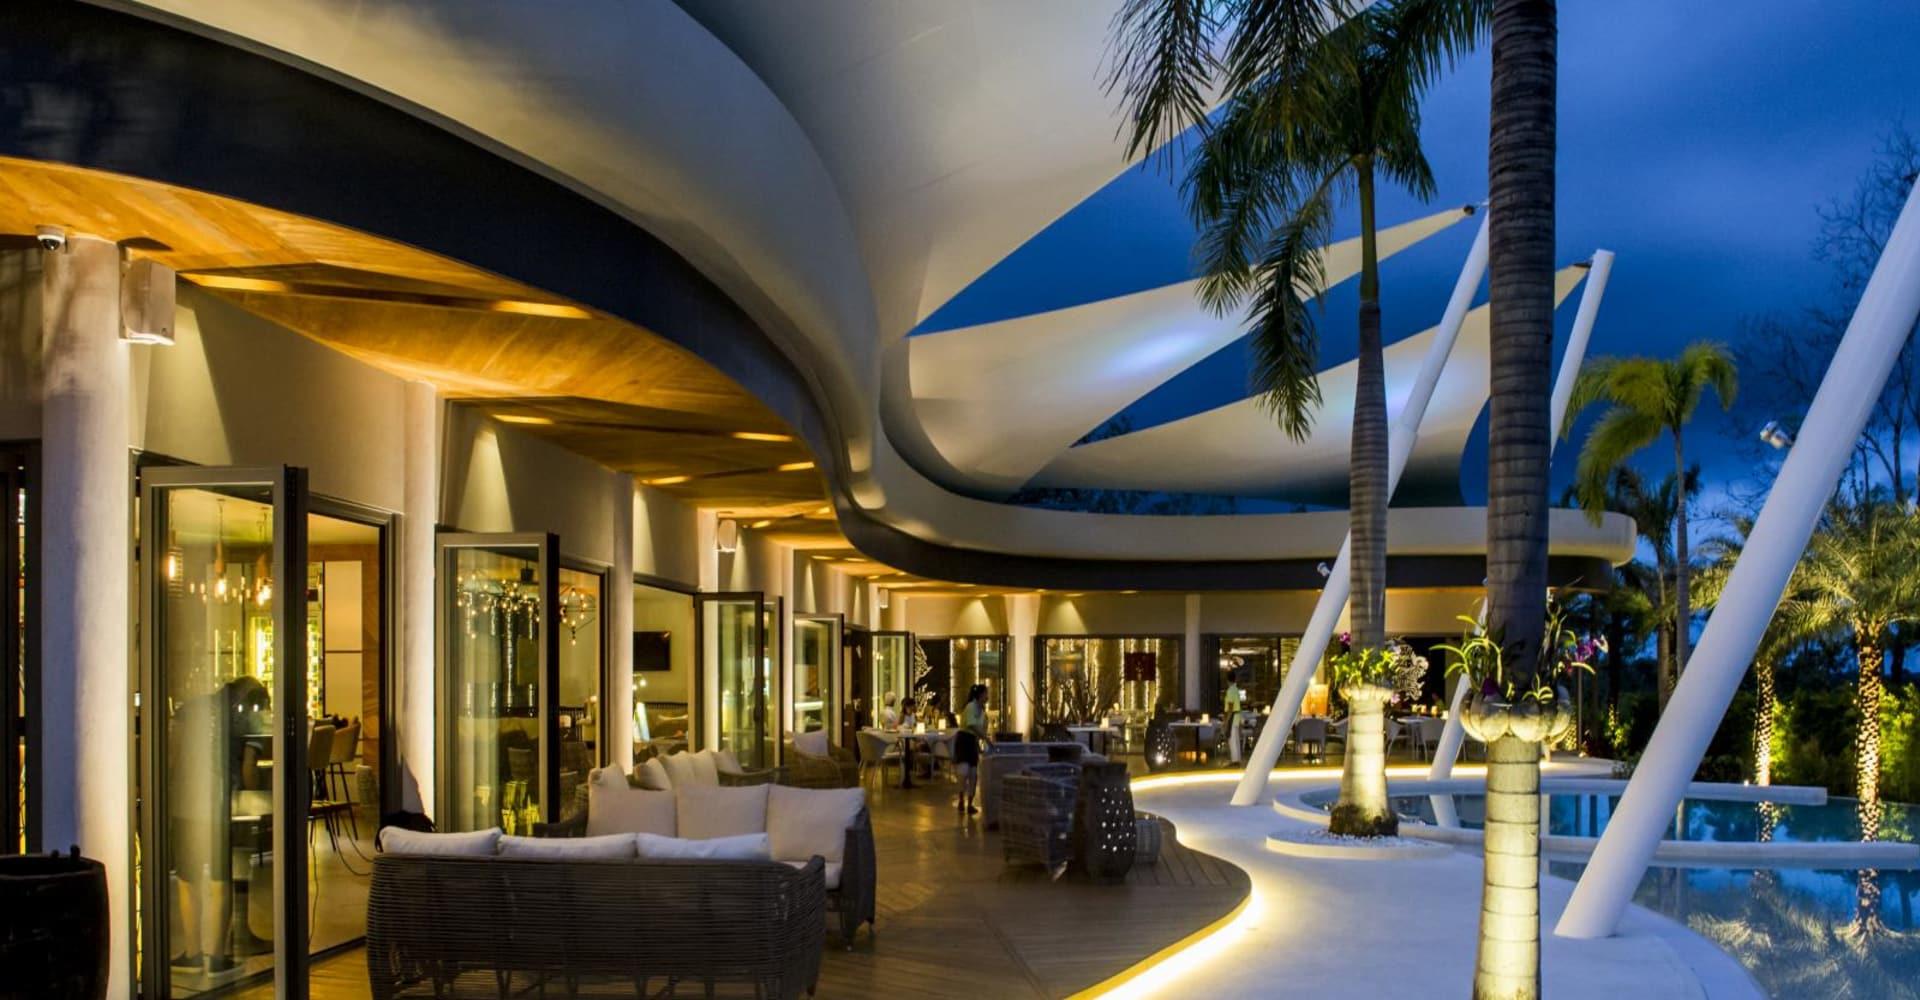 Firefly - The Pavilions Phuket